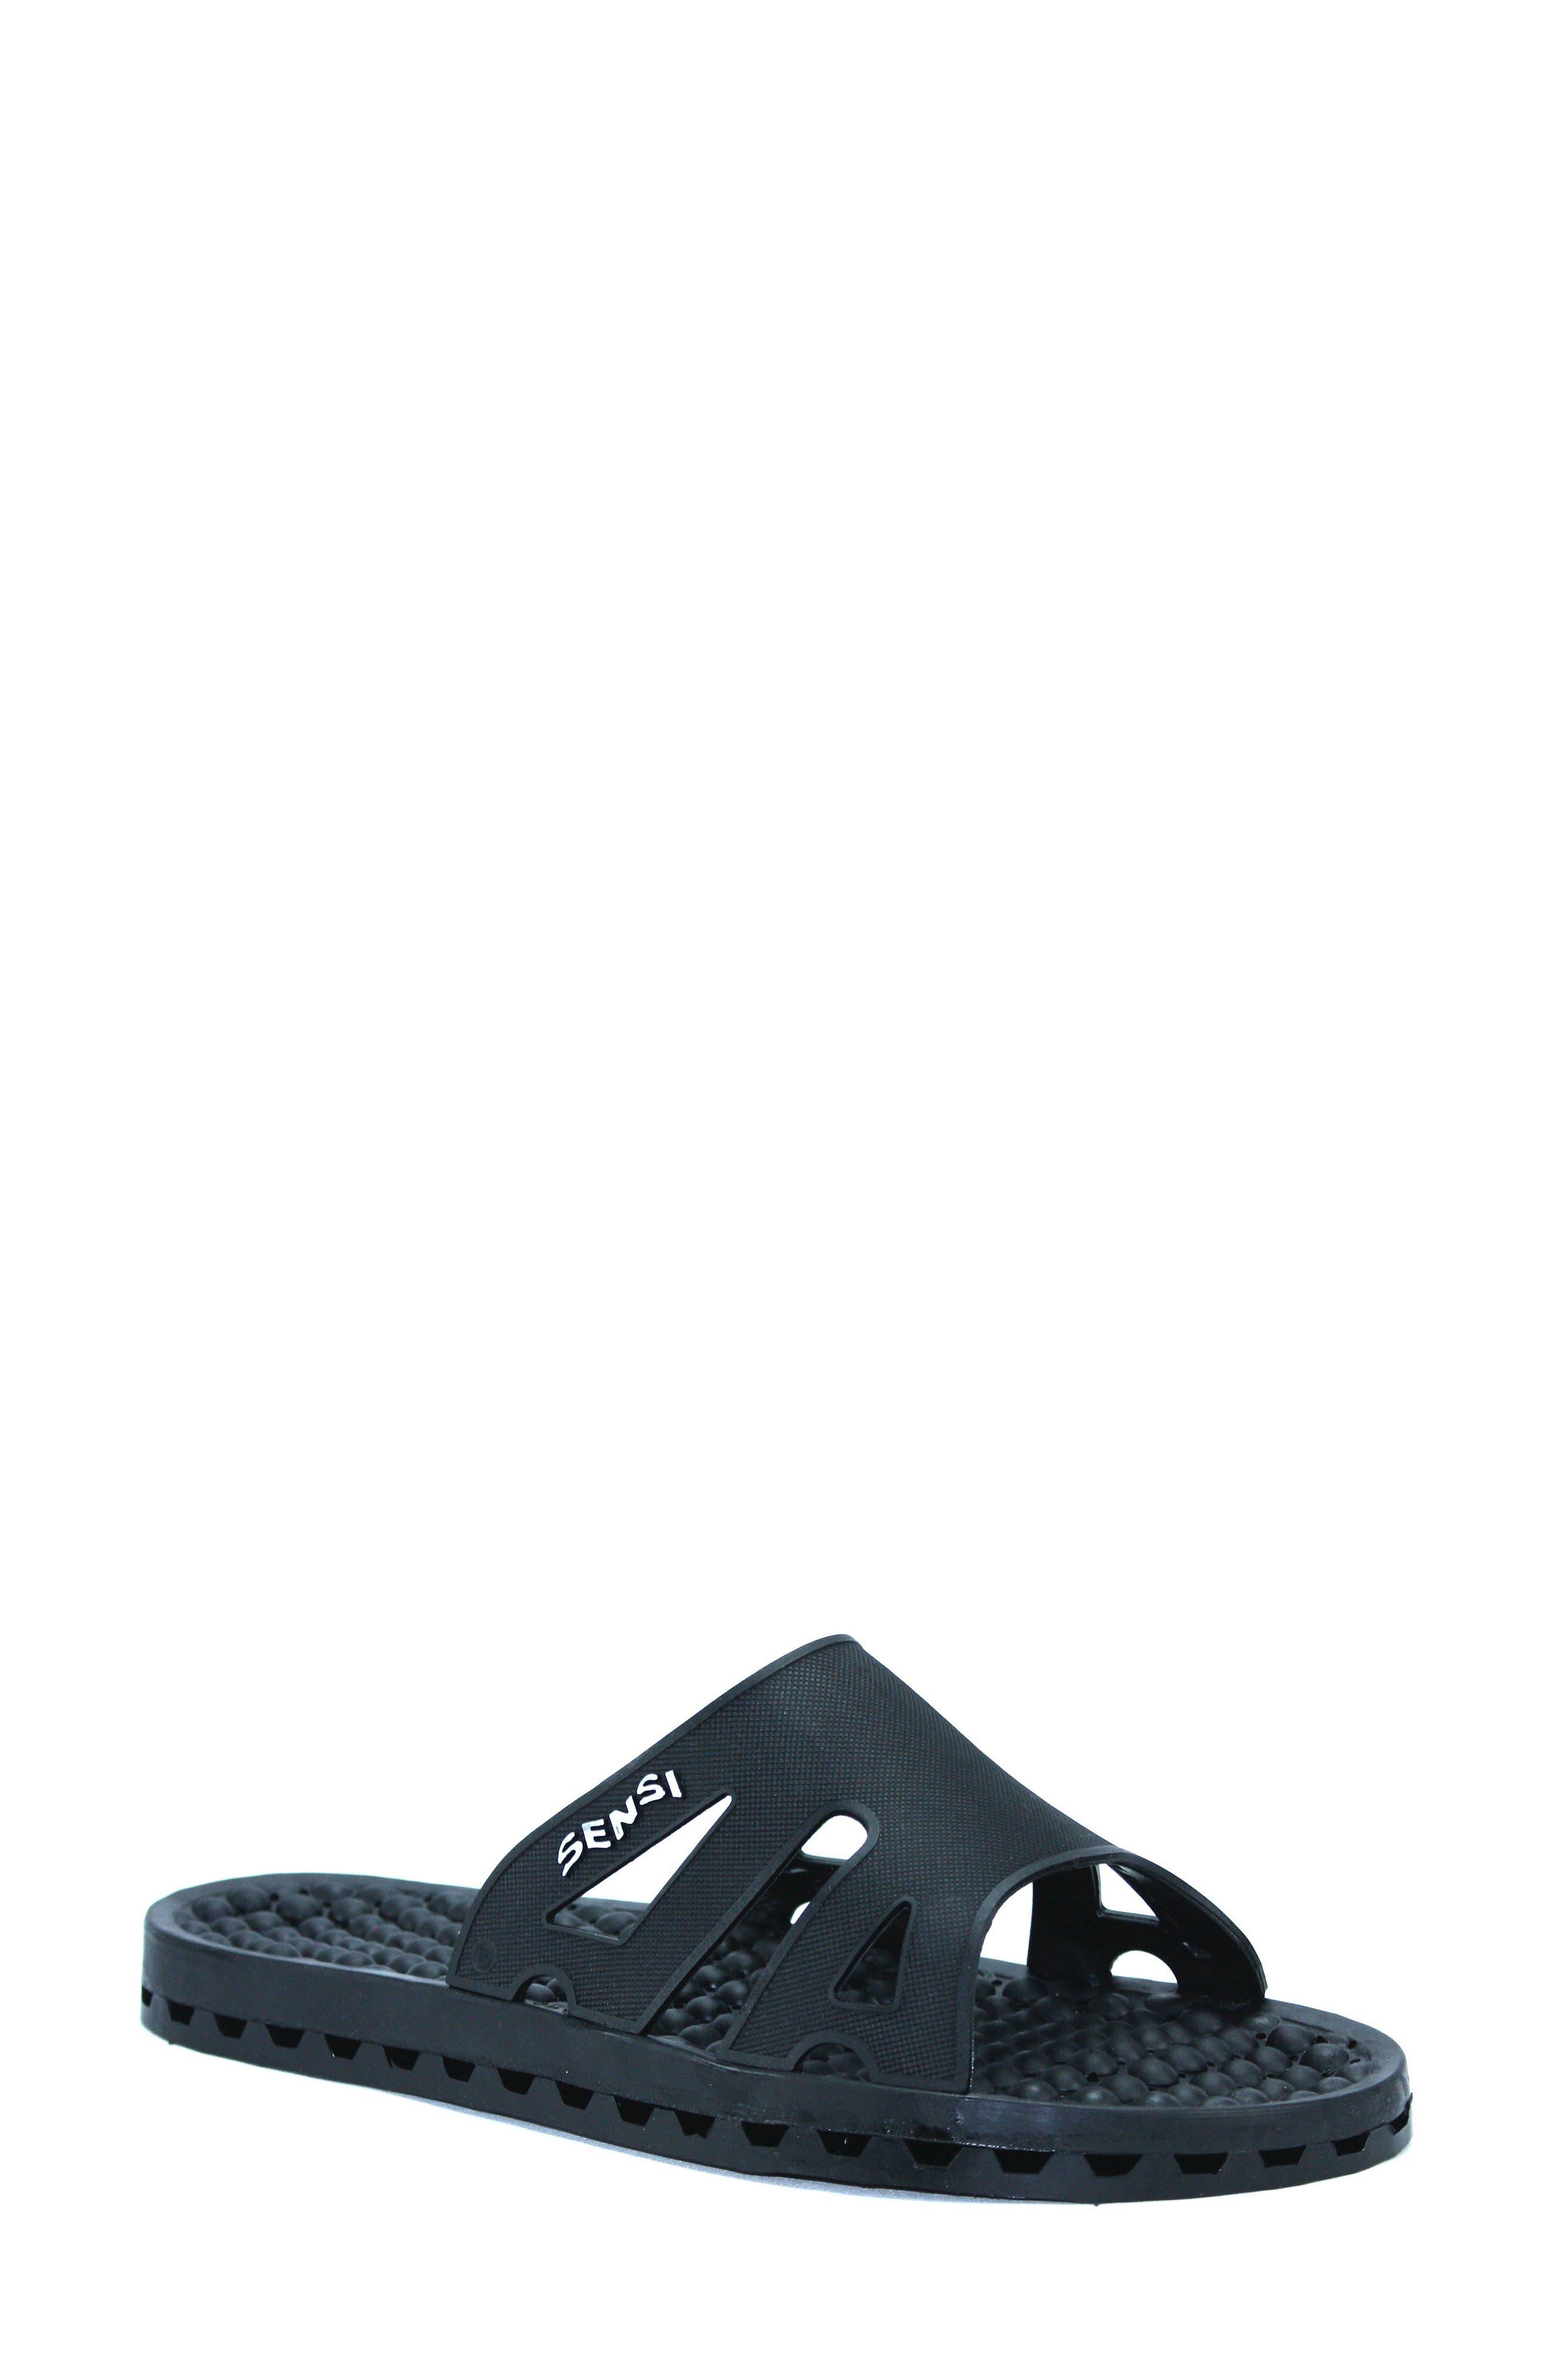 Regatta Ice Slide Sandal,                         Main,                         color, SOLID BLACK